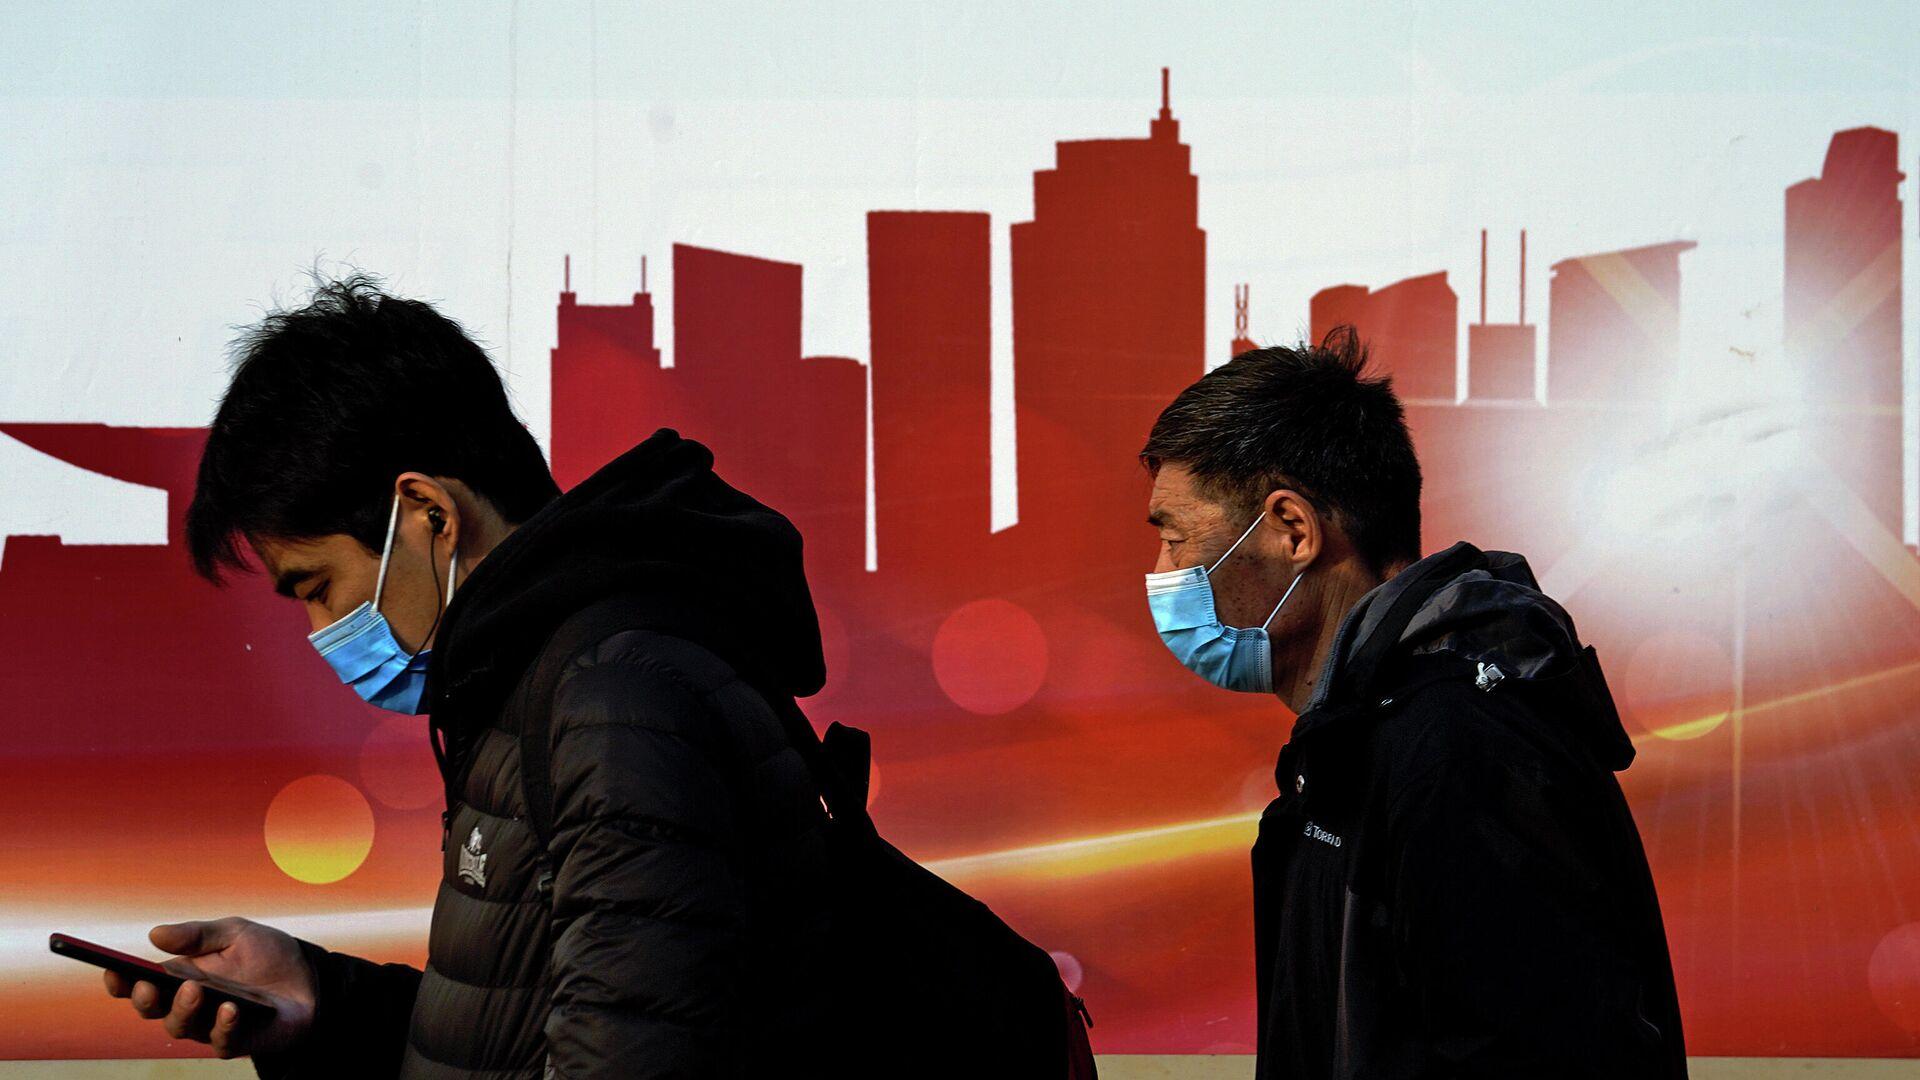 Люди в защитных масках на улице в Пекине, Китай  - РИА Новости, 1920, 12.12.2020